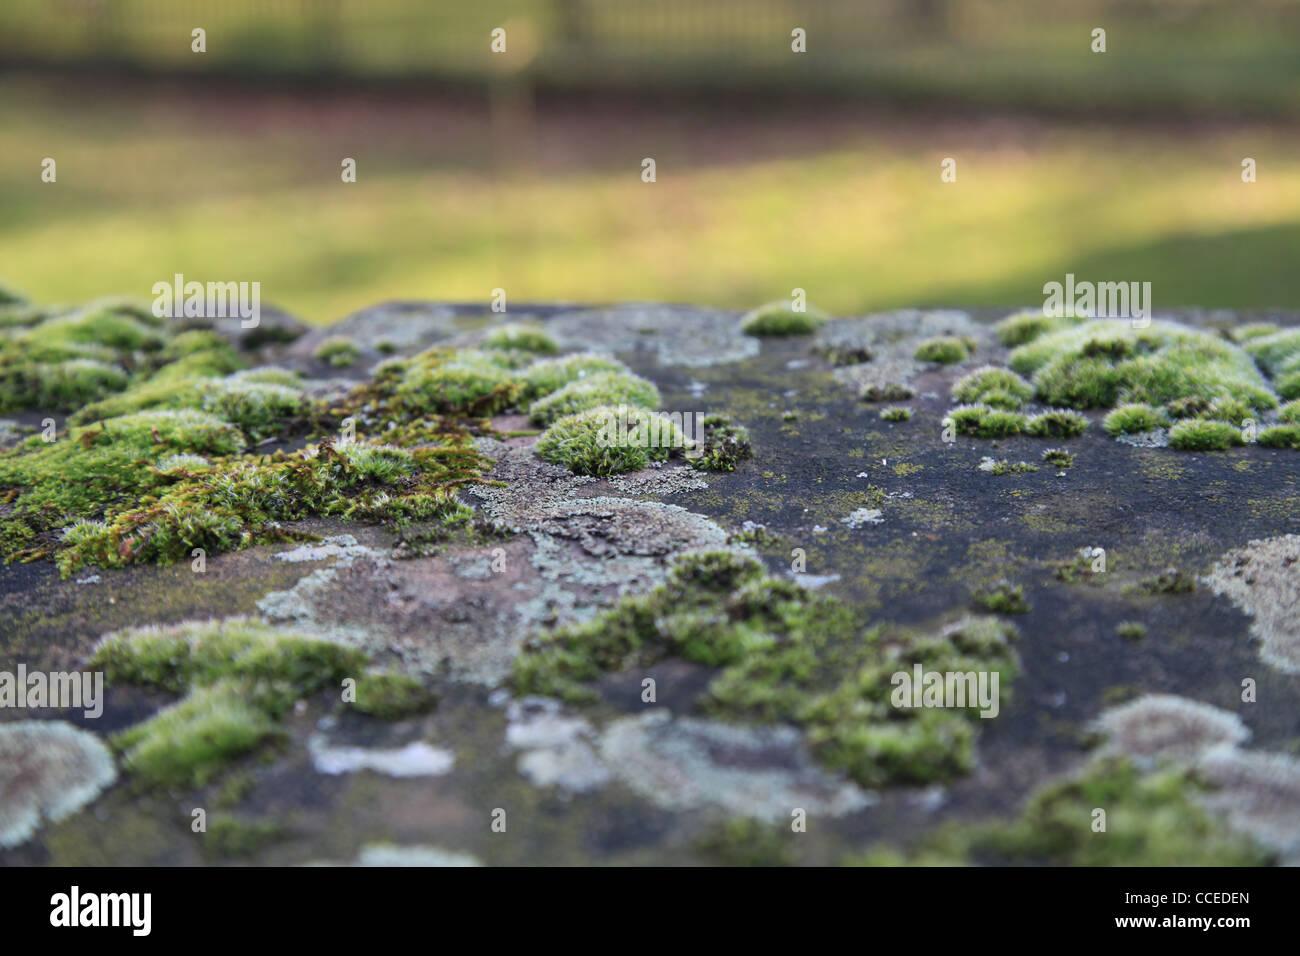 Moos,Mauer,Winter,Sonne,Makro,Flechten,Flechte,Schatten,grün,grau,Natur,Gewächs,weiss,filigran,Vordergrund,Pflaster - Stock Image